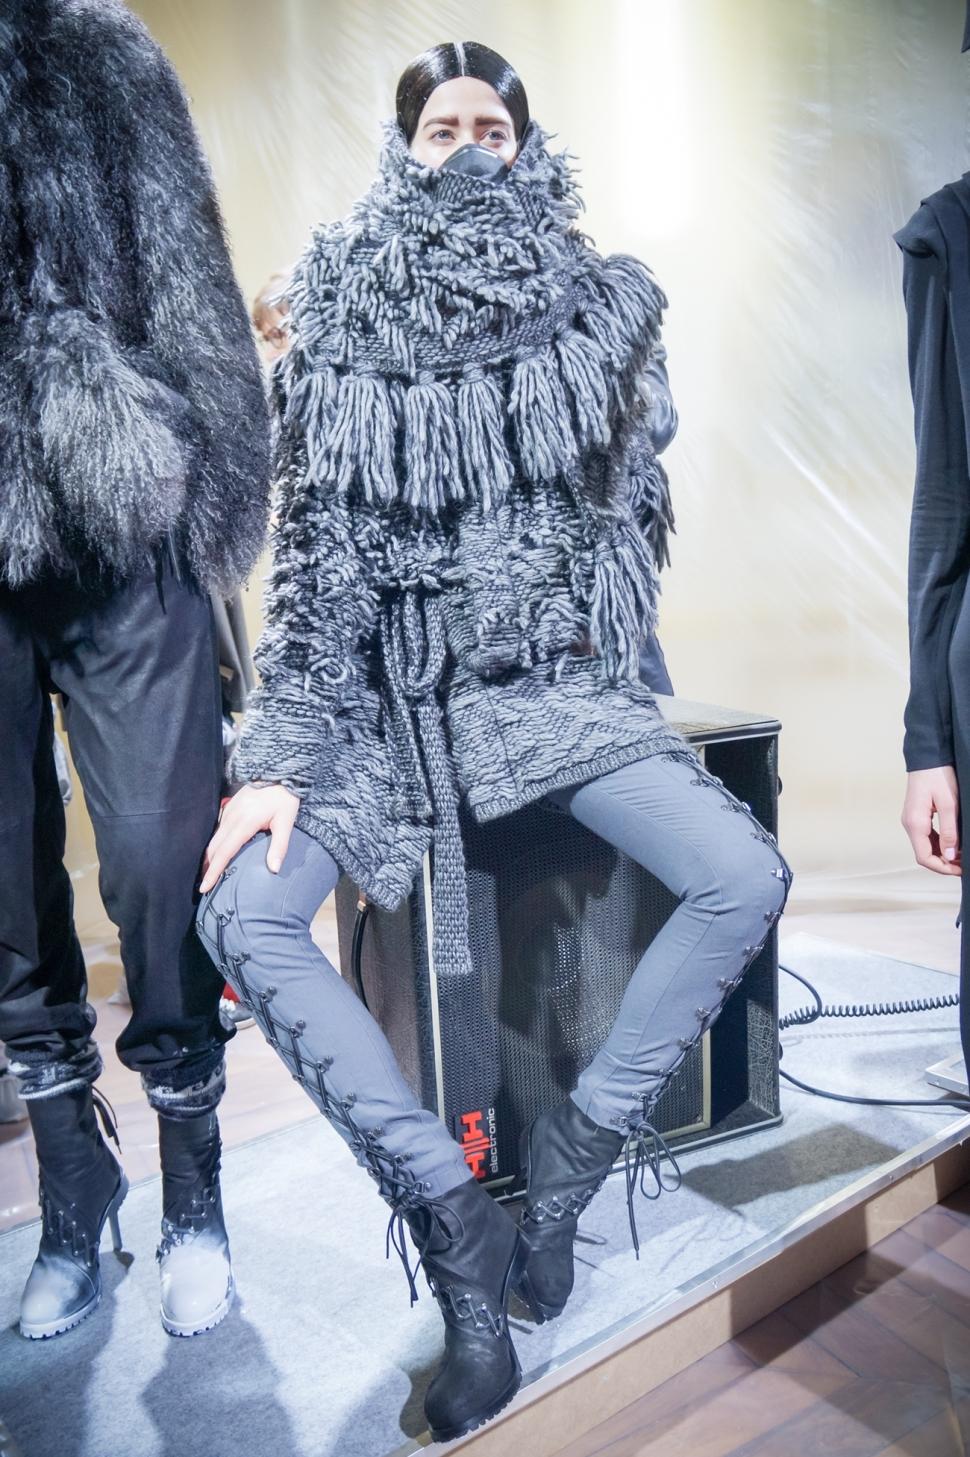 paris-fashion-week-vandevorst-fw16-photo-by-polina-paraskevopoulou-la-vie-en-blog-paris-40